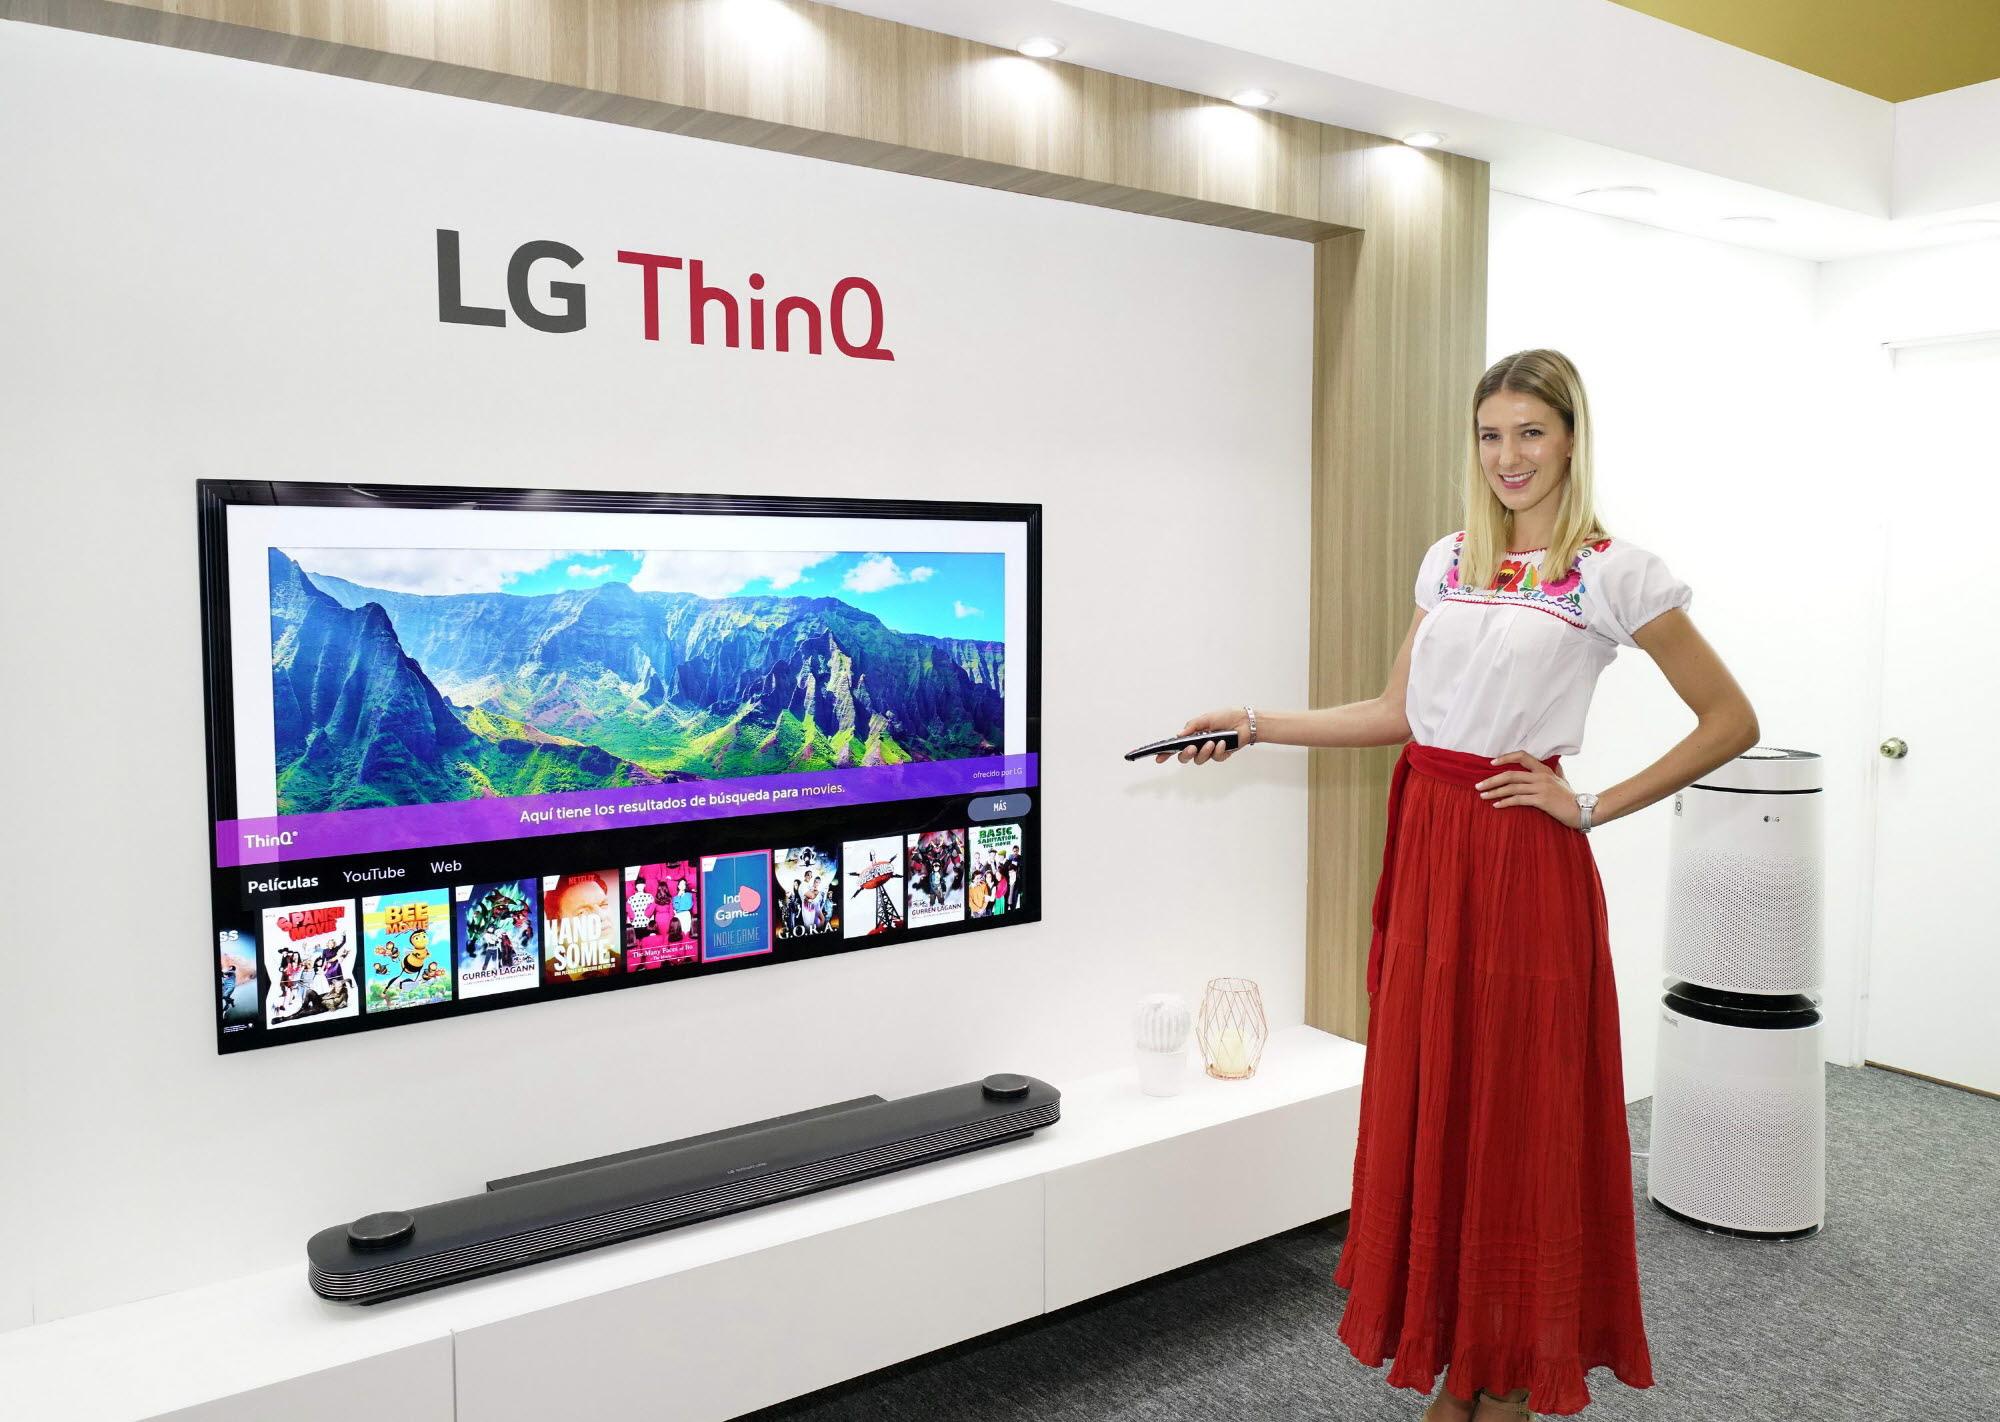 인공지능 'LG 씽큐' 중남미 거래선 사로잡았다01: LG전자가 17일부터 20일까지 멕시코 칸쿤에서 'LG 이노페스트'를 열고 혁신 제품을 대거 선보였다. 모델이 'LG 올레드 TV AI 씽큐'를 소개하고 있다.